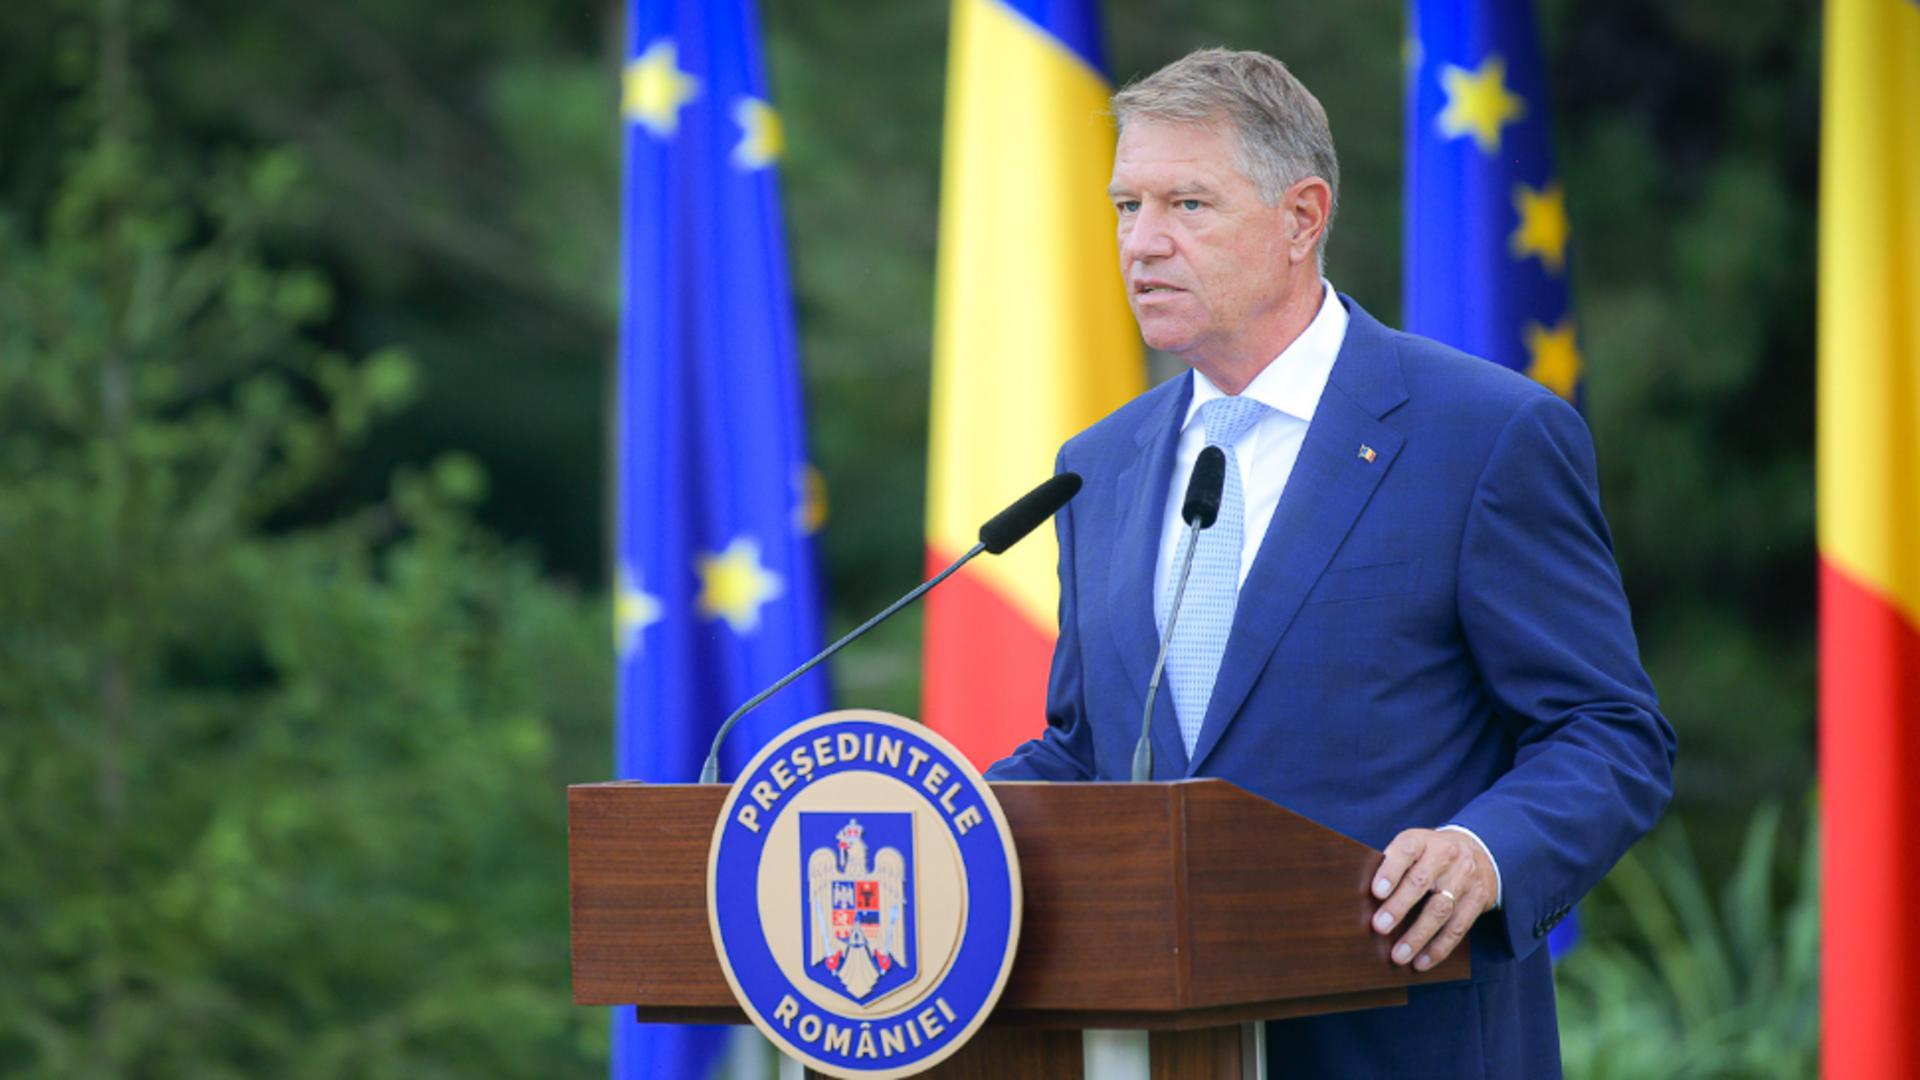 Iohannis a semnat DECRETUL: Cine este noul consilier de stat de la Palatul Cotroceni